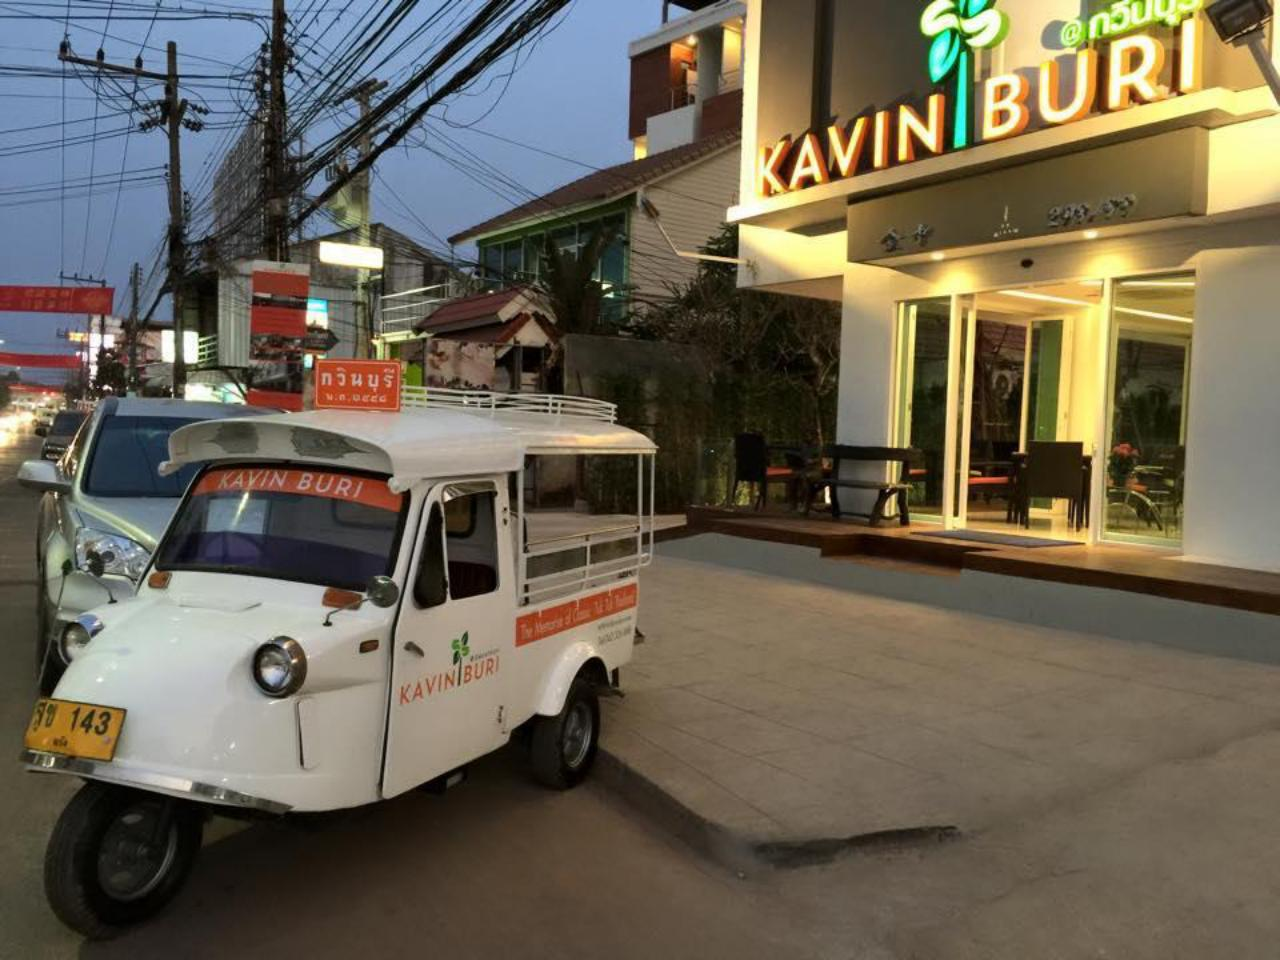 โรงแรมกวินบุรี (Kavinburi Green Hotel)